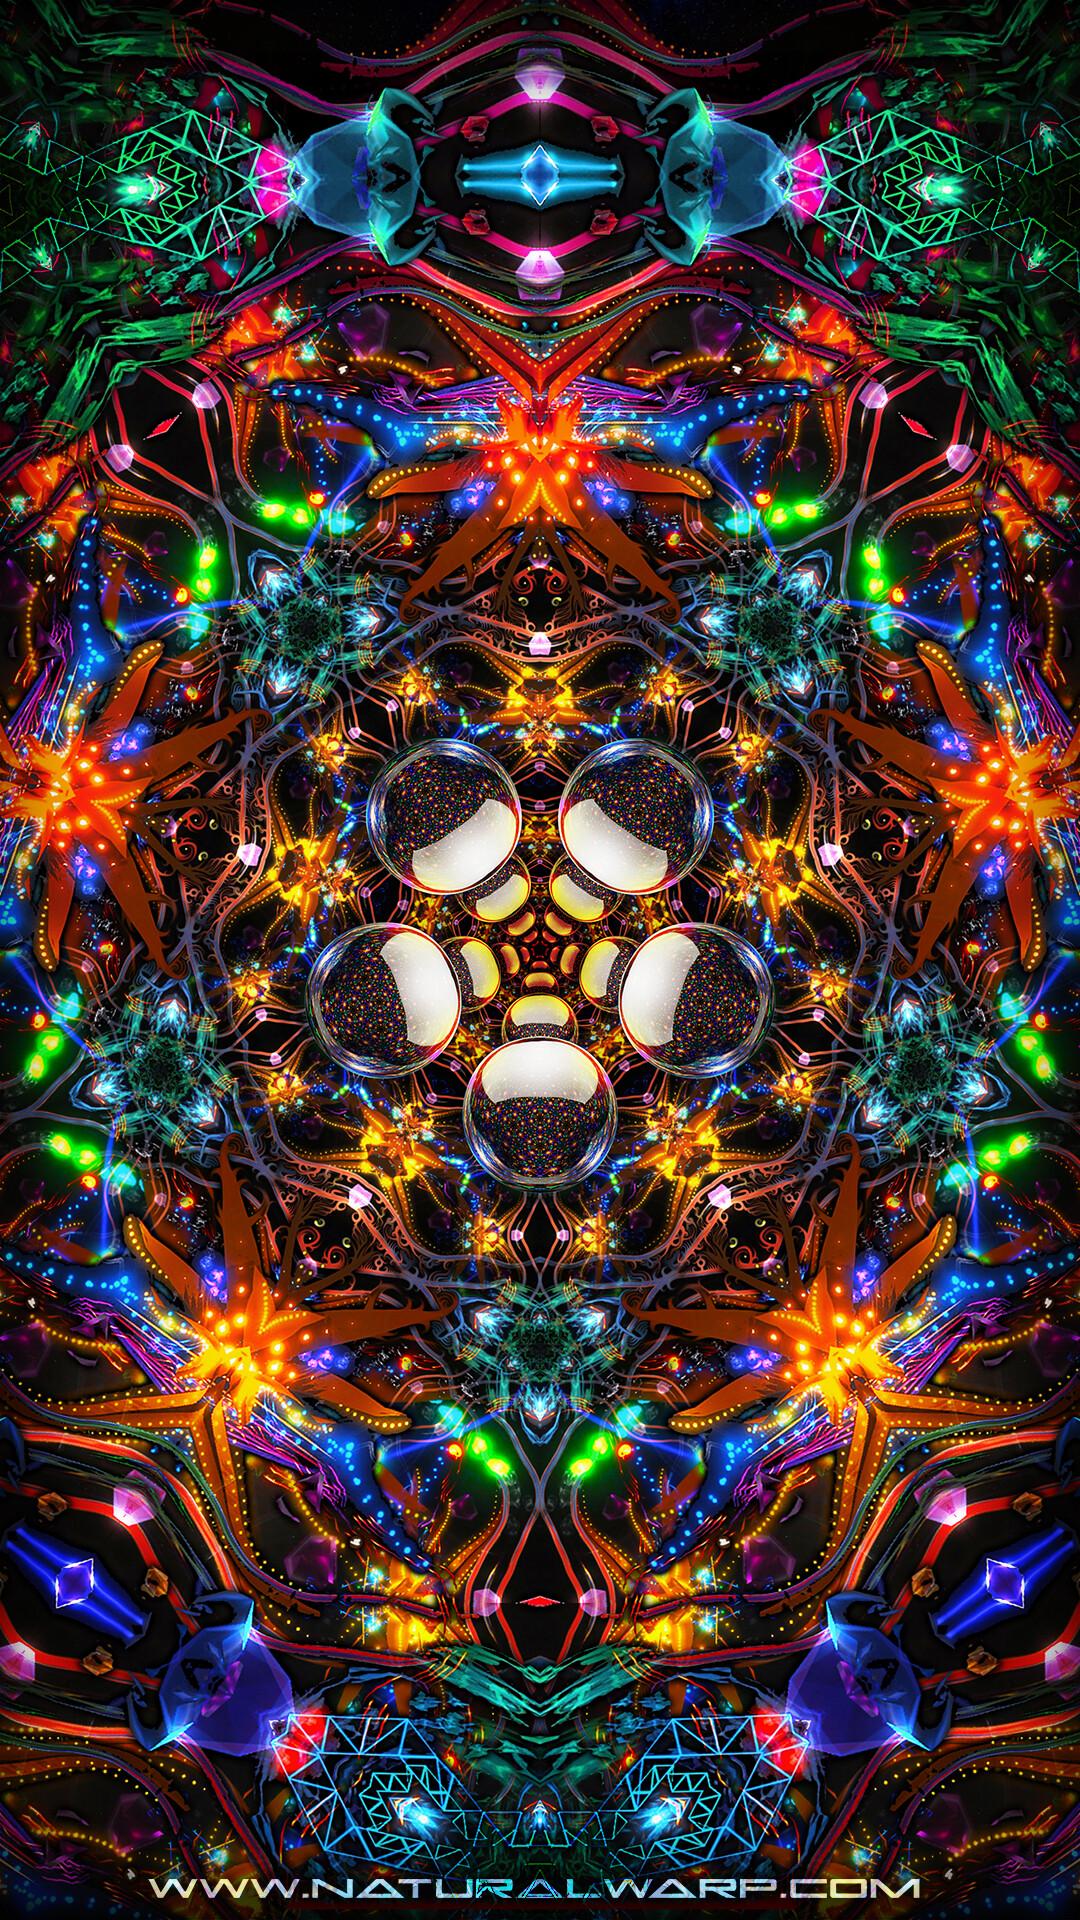 Mobile Wallpaper Natural Warp © 2020